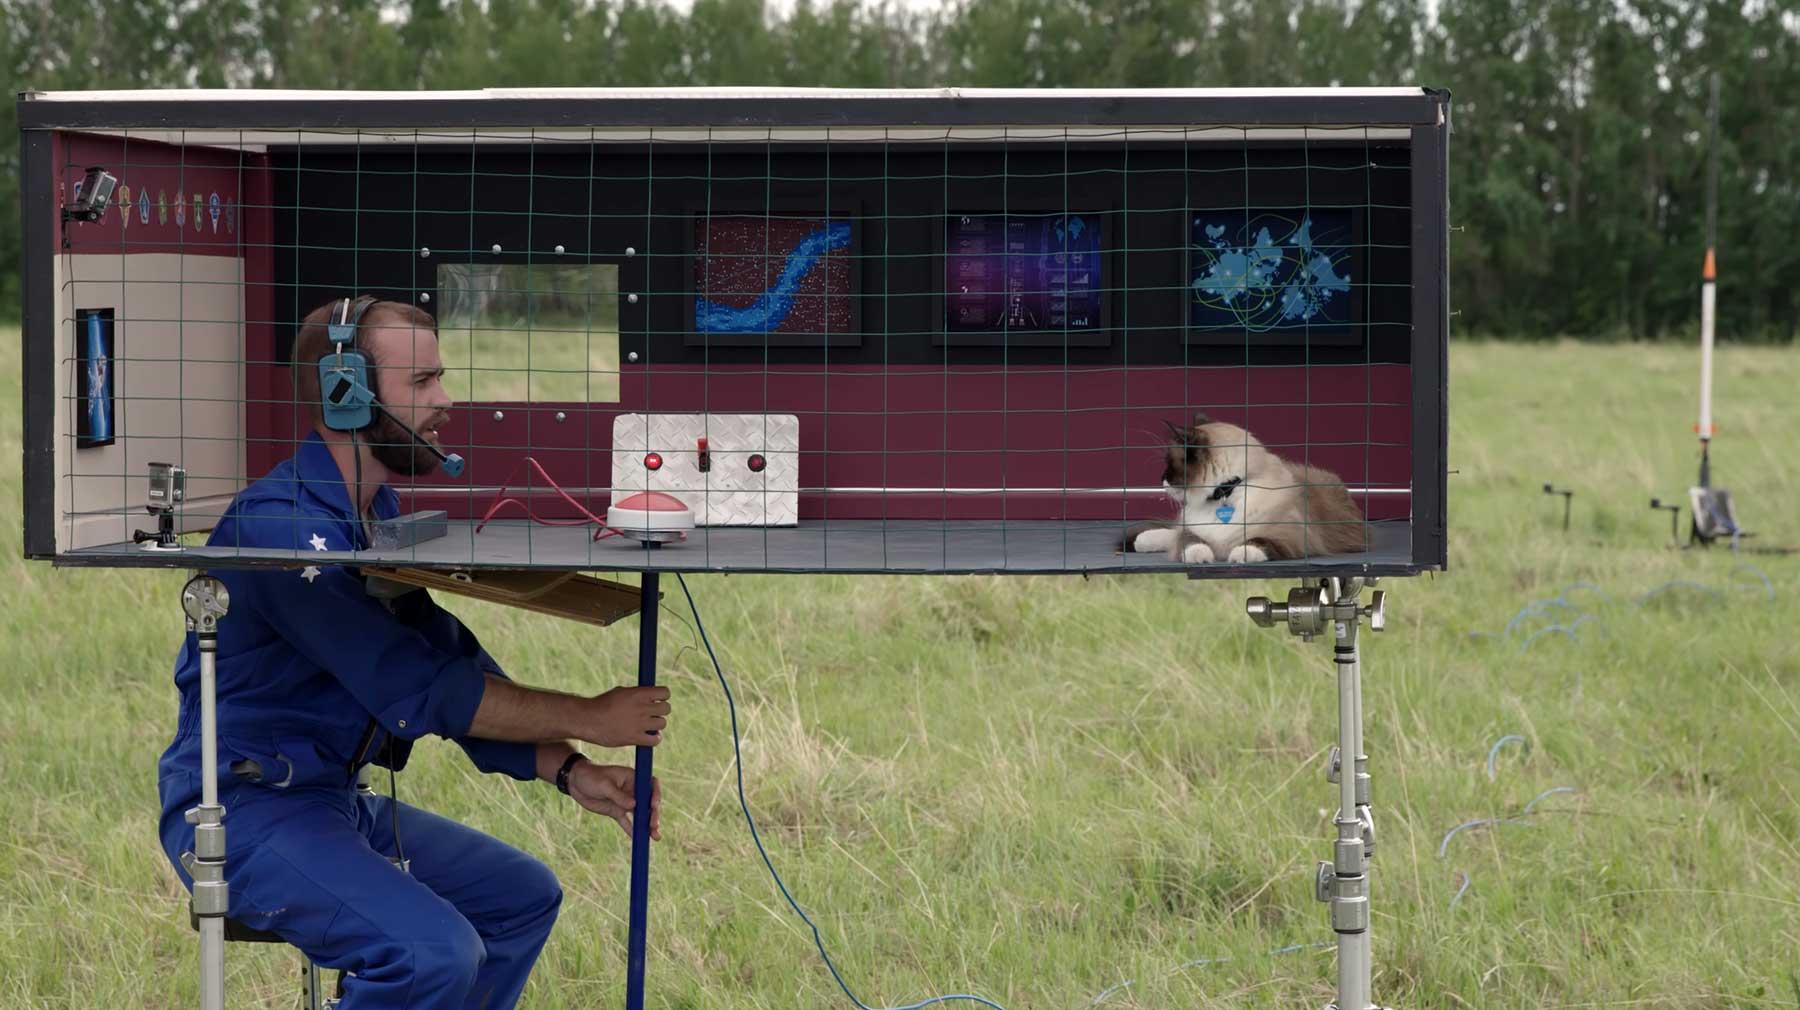 Einer Katze antrainieren, auf Kommando eine Rakete abzufeuern katze-trainieren-rakete-abzufeuern